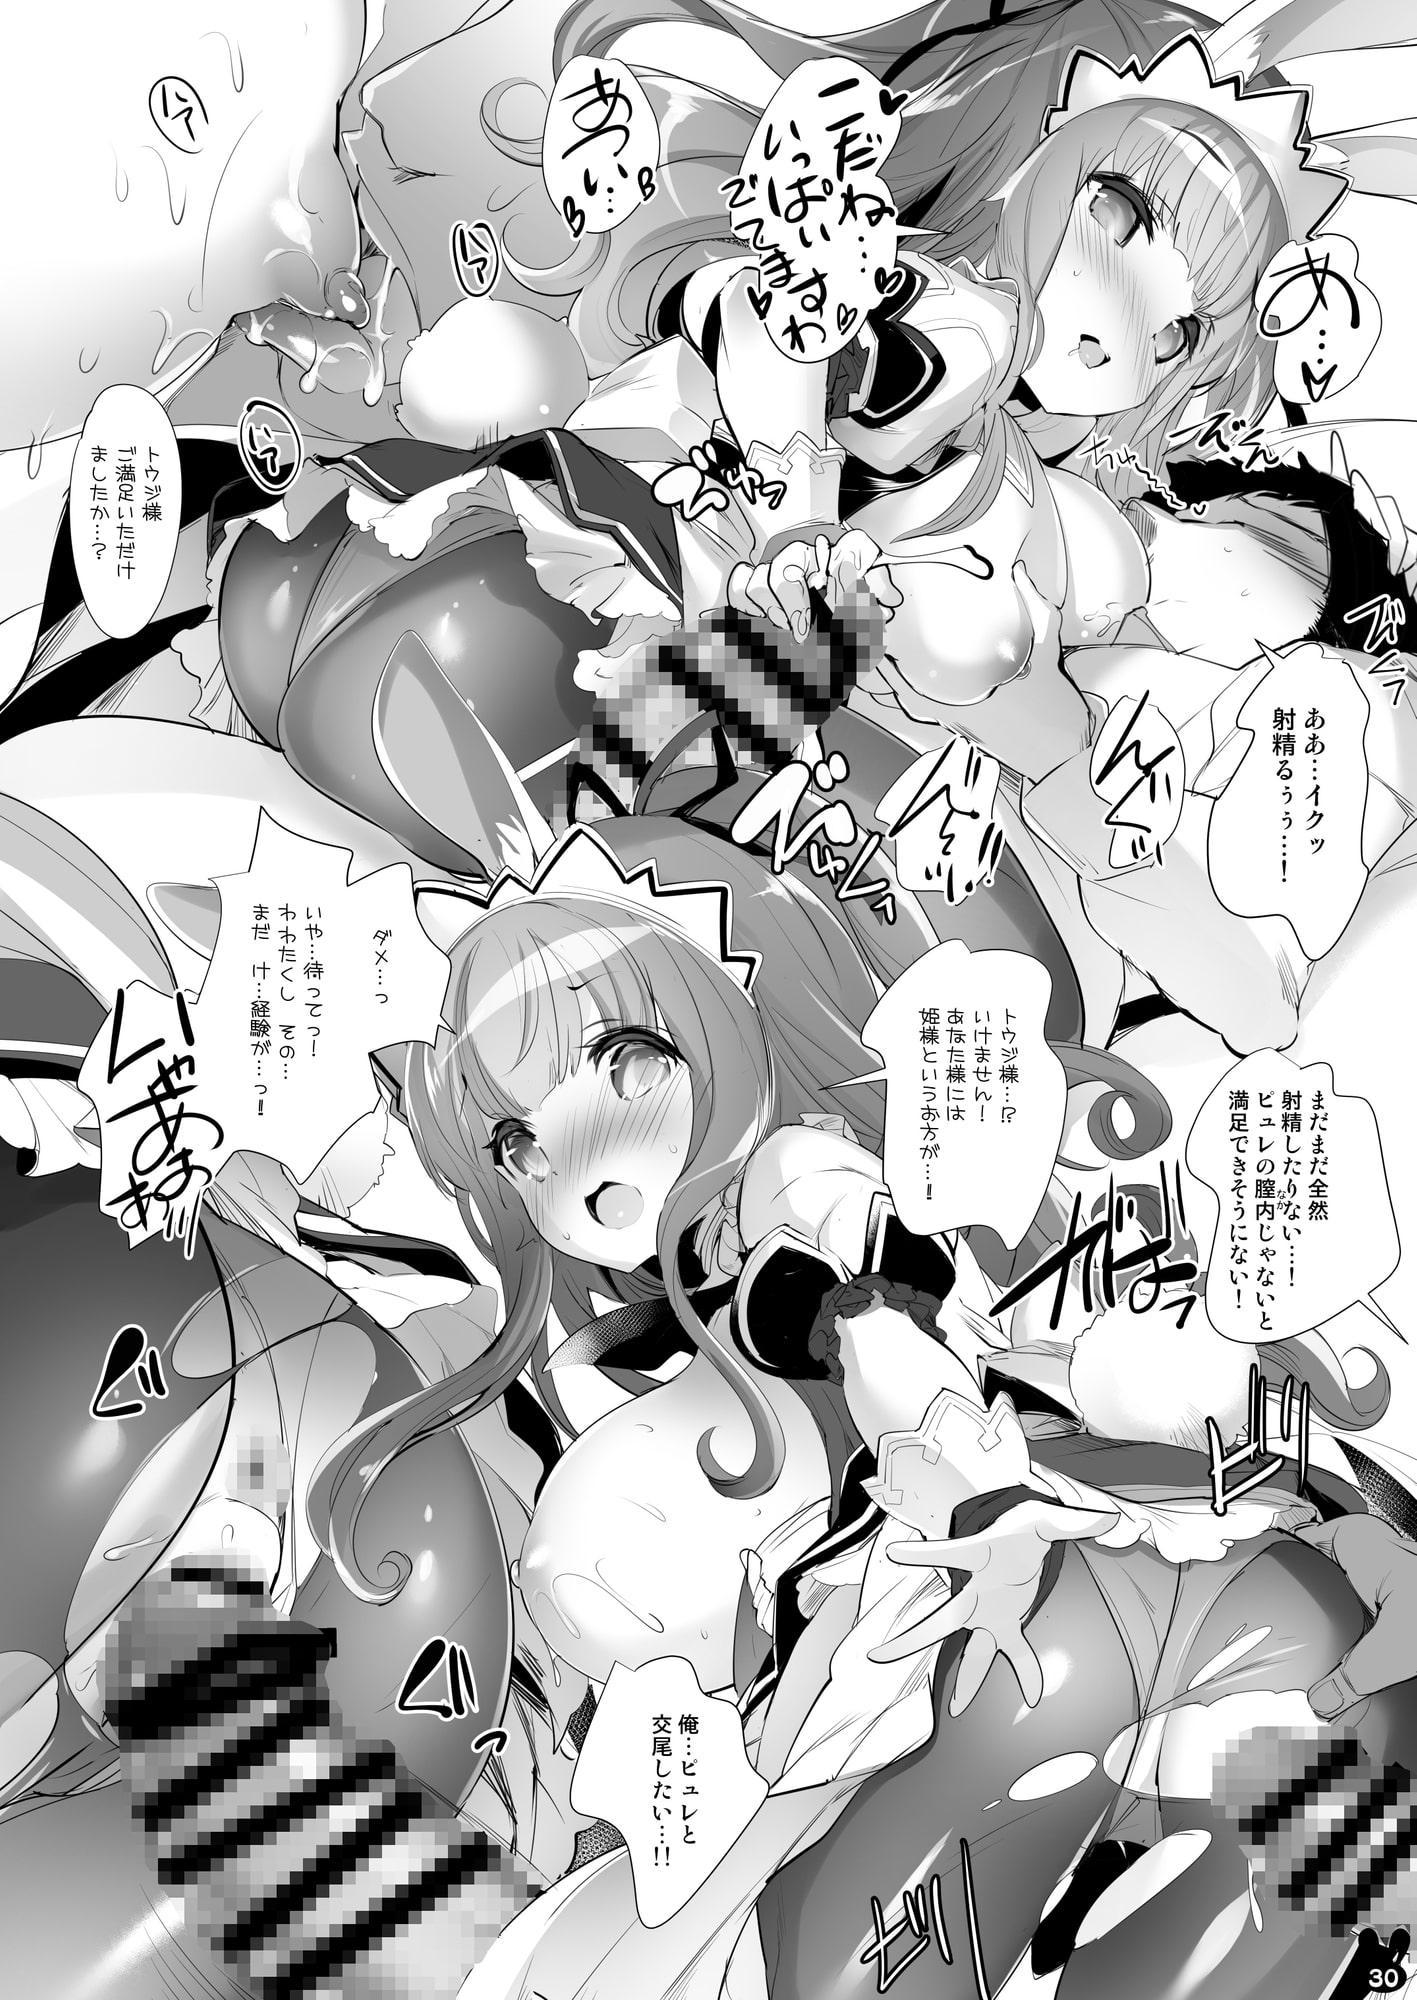 RJ323664 うさ耳プリンセスと異世界子作りライフ総集編 [20210411]